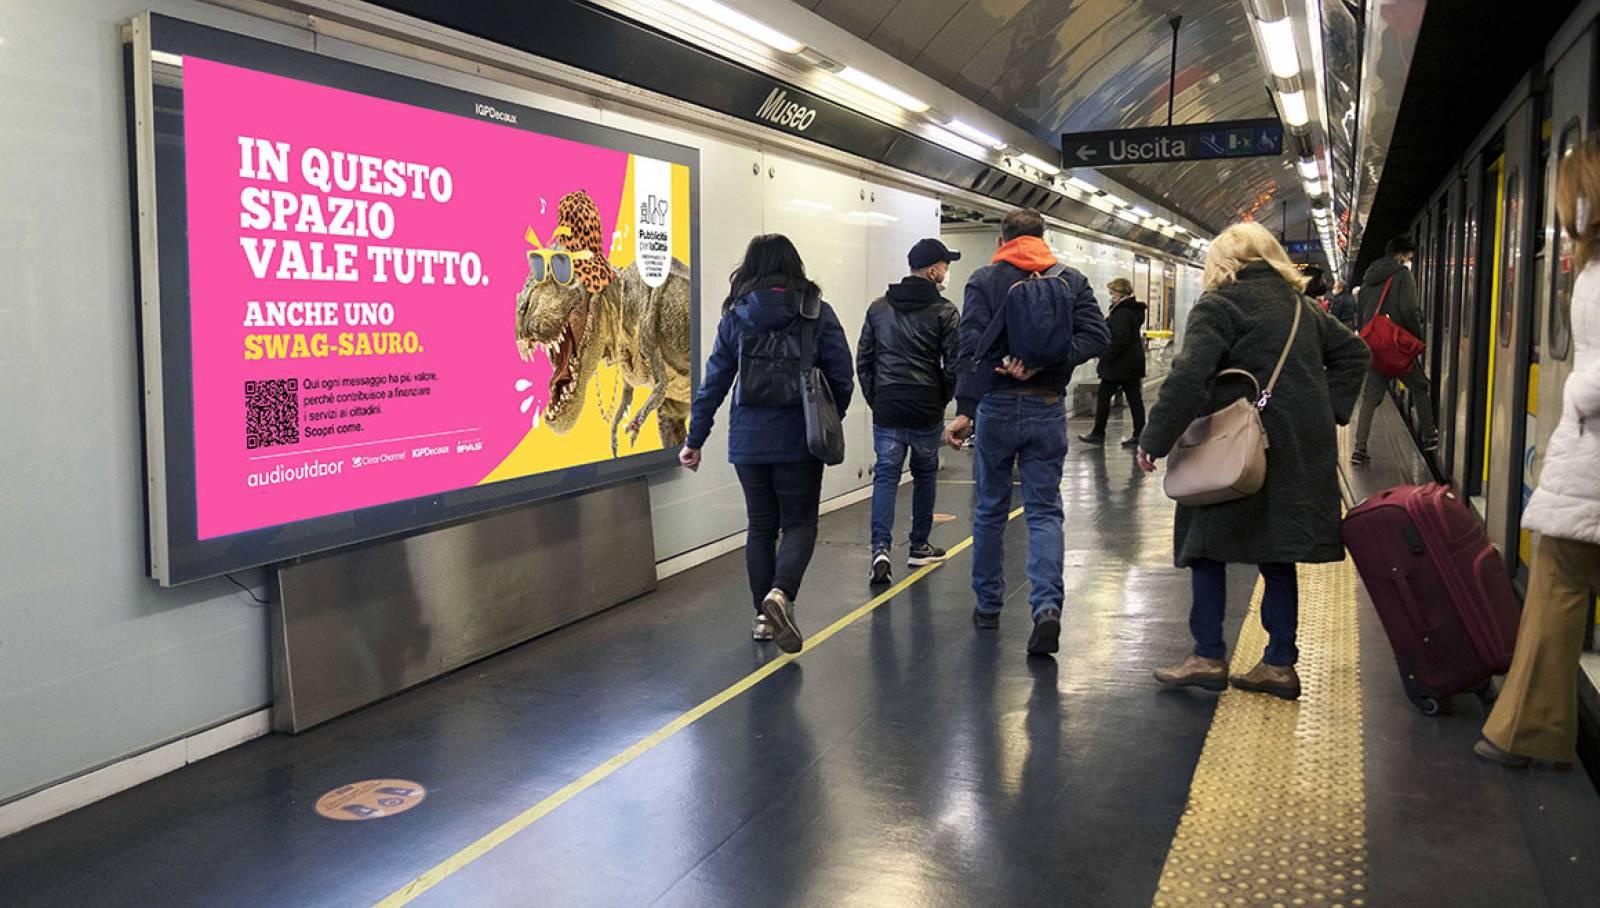 """IGPDecaux Clear Channel IPAS pubblicità per la città campagna """"In questo spazio vale tutto"""" pubblicità in metropolitana IGPDecaux Napoli"""